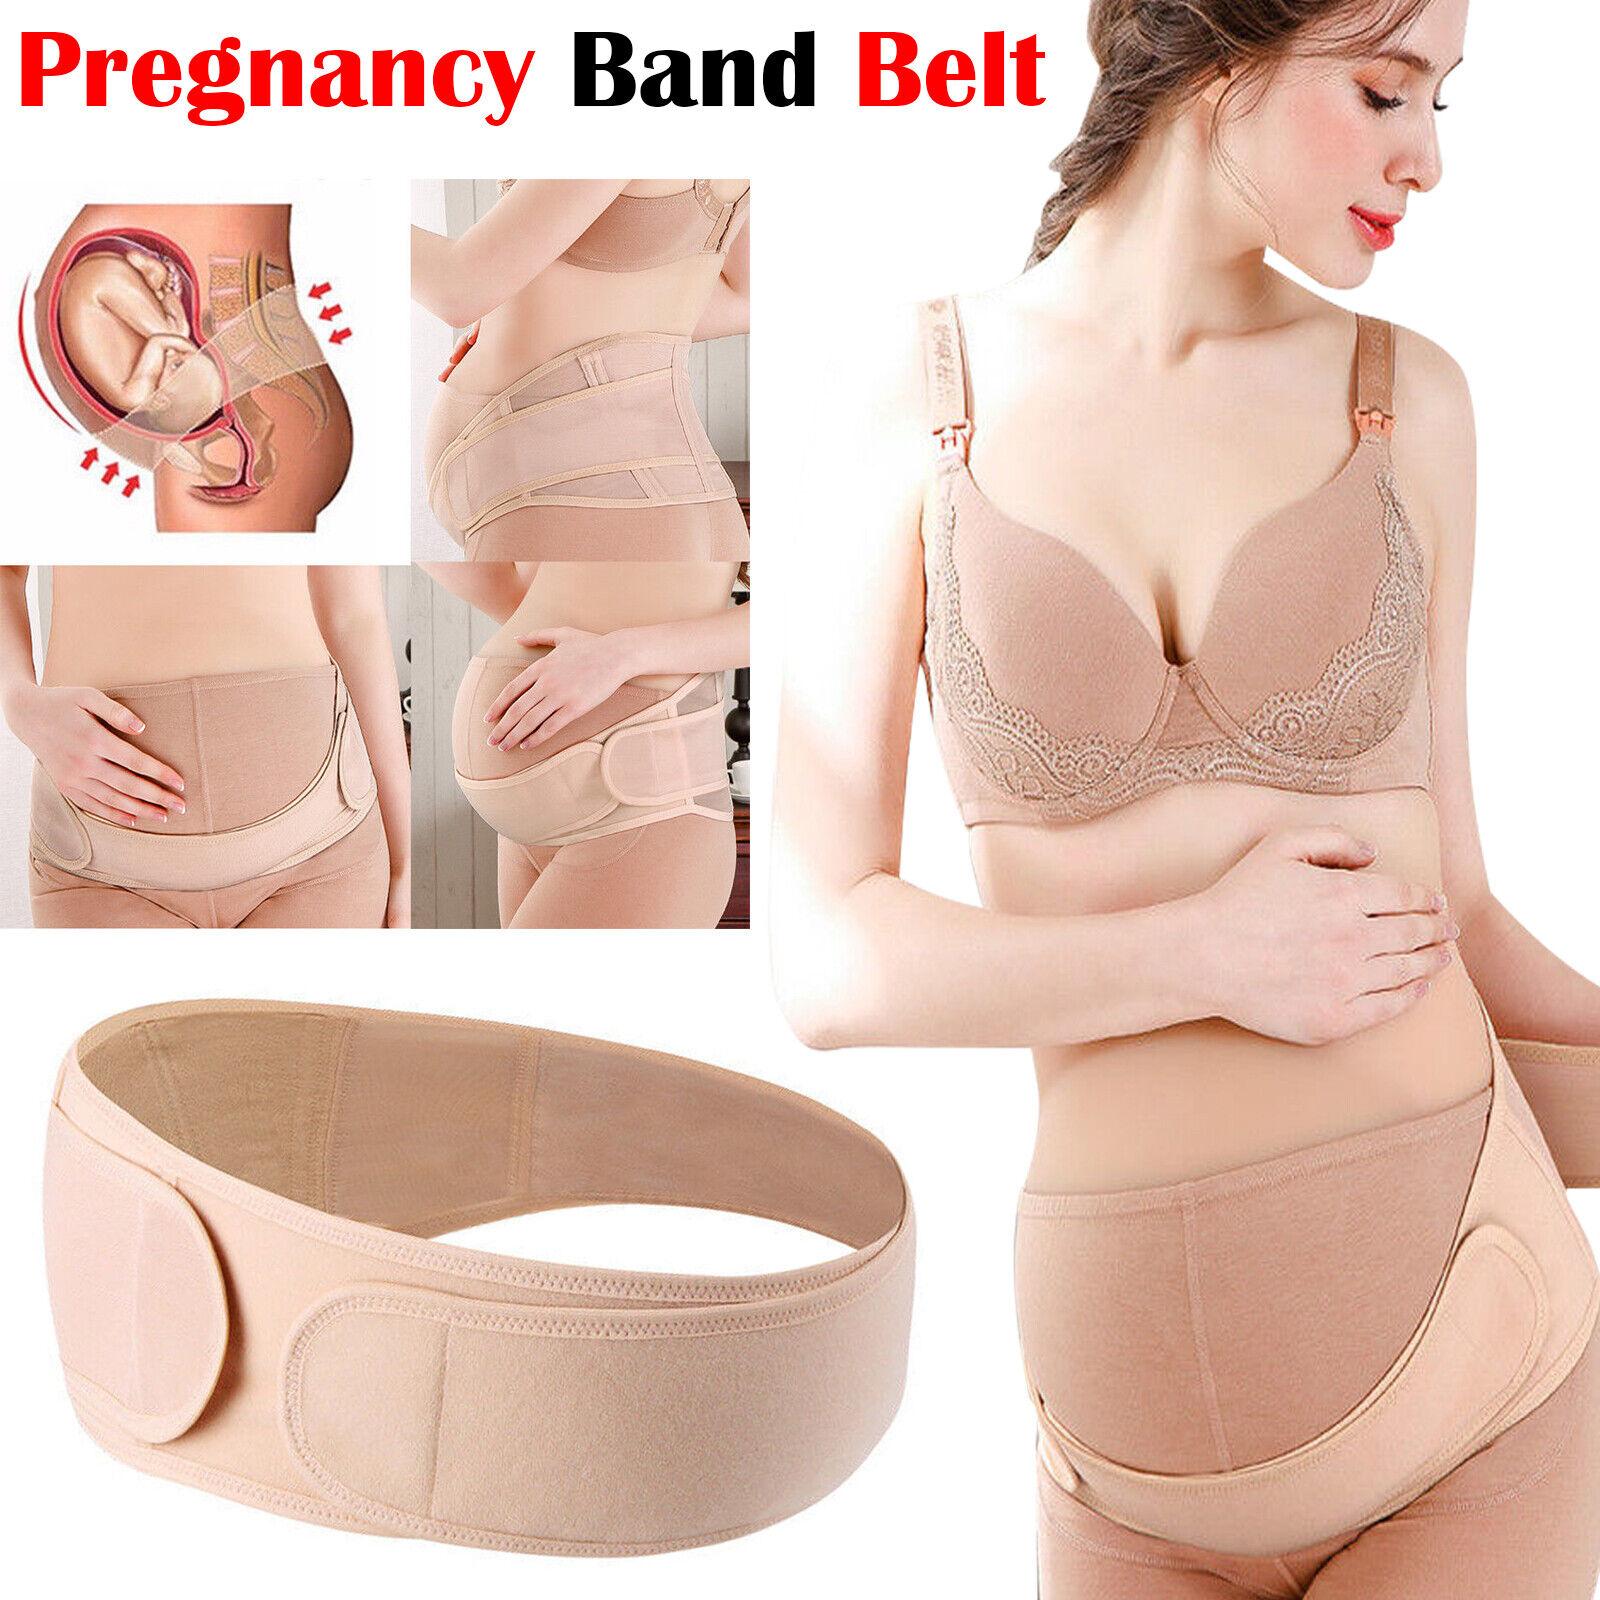 PREGNANCY BELT MATERNITY LUMBAR BACK SUPPORT WAIST BUMP BRACE UK